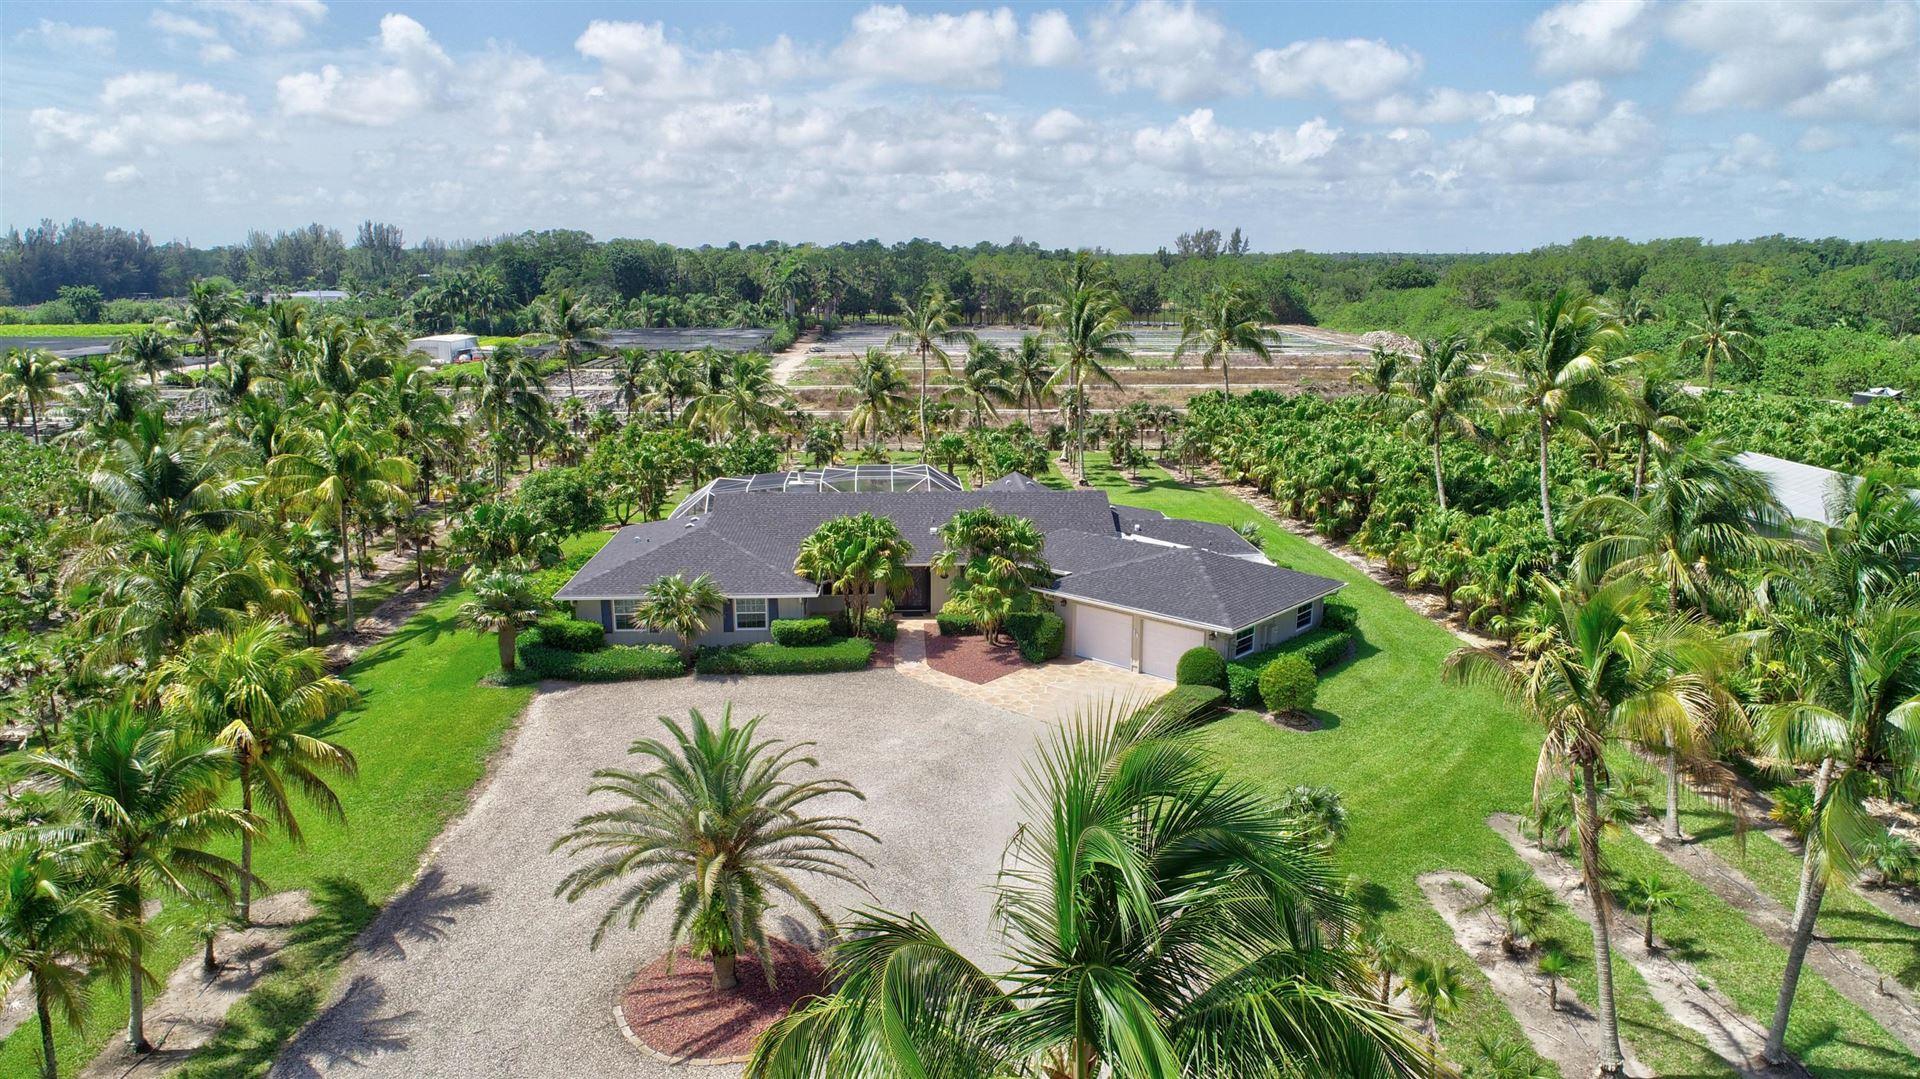 6191 Park Lane E, Lake Worth, FL 33449 - #: RX-10625000